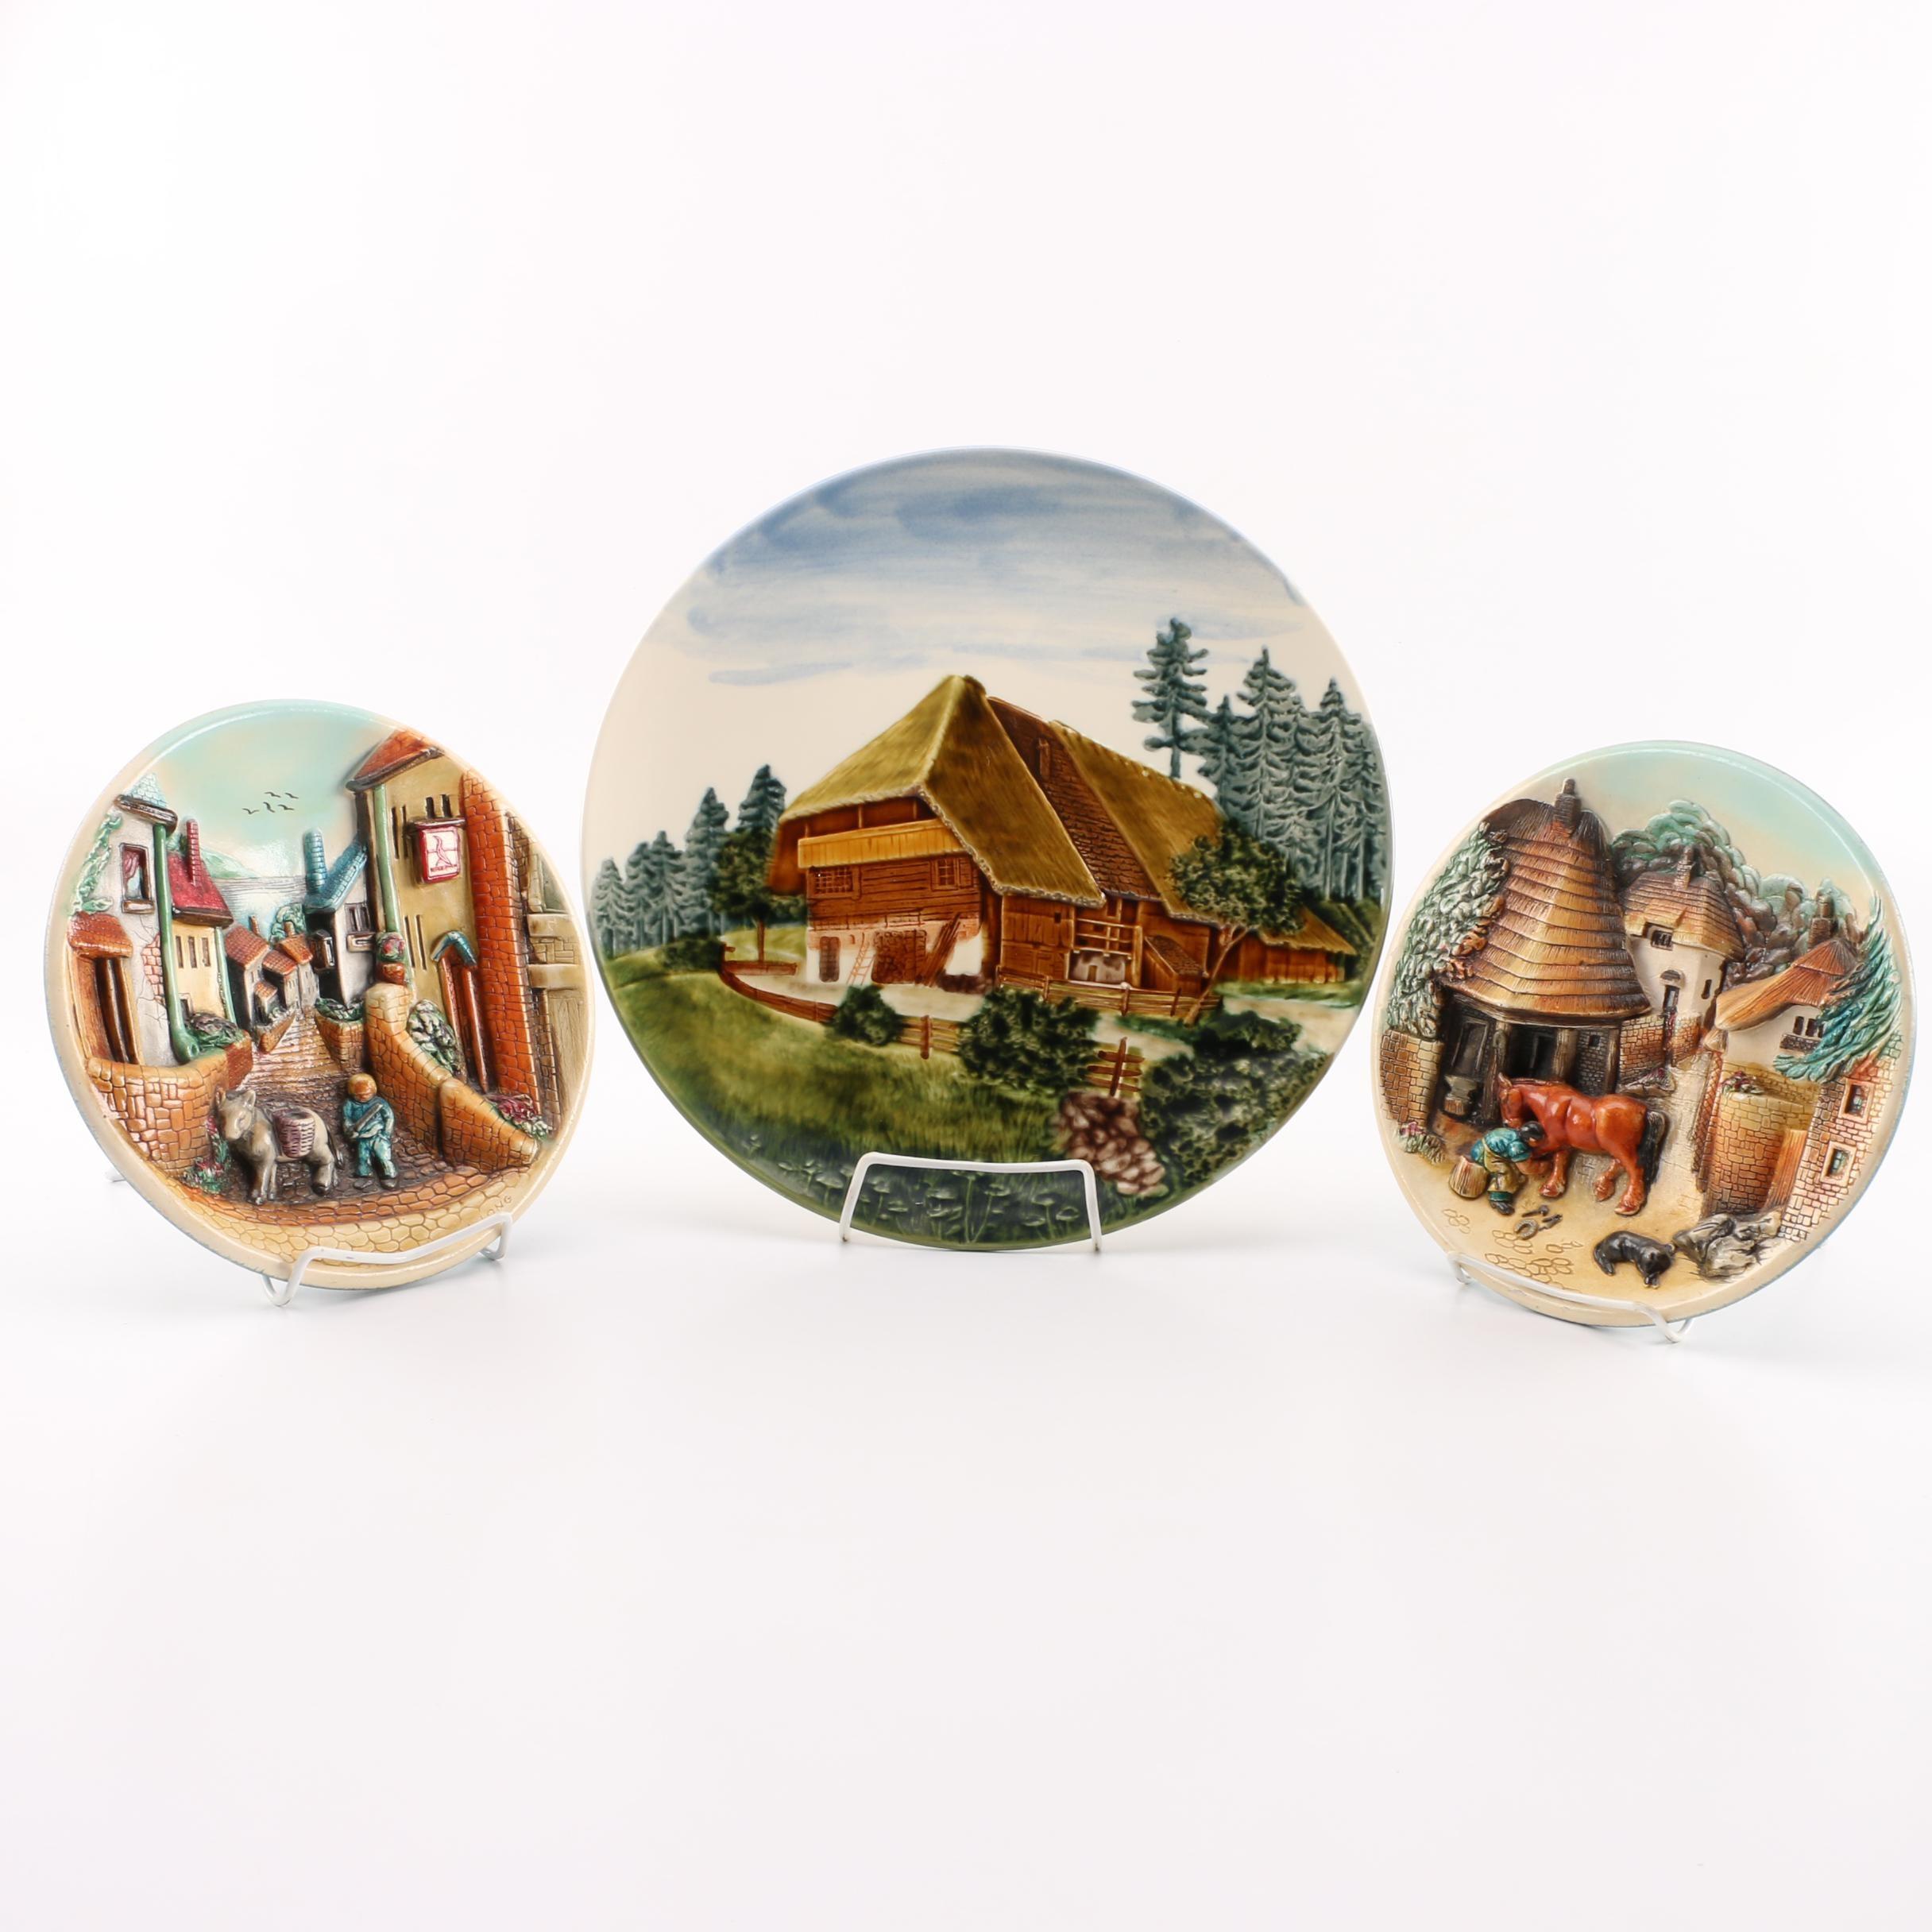 Decorative Ceramic Plates